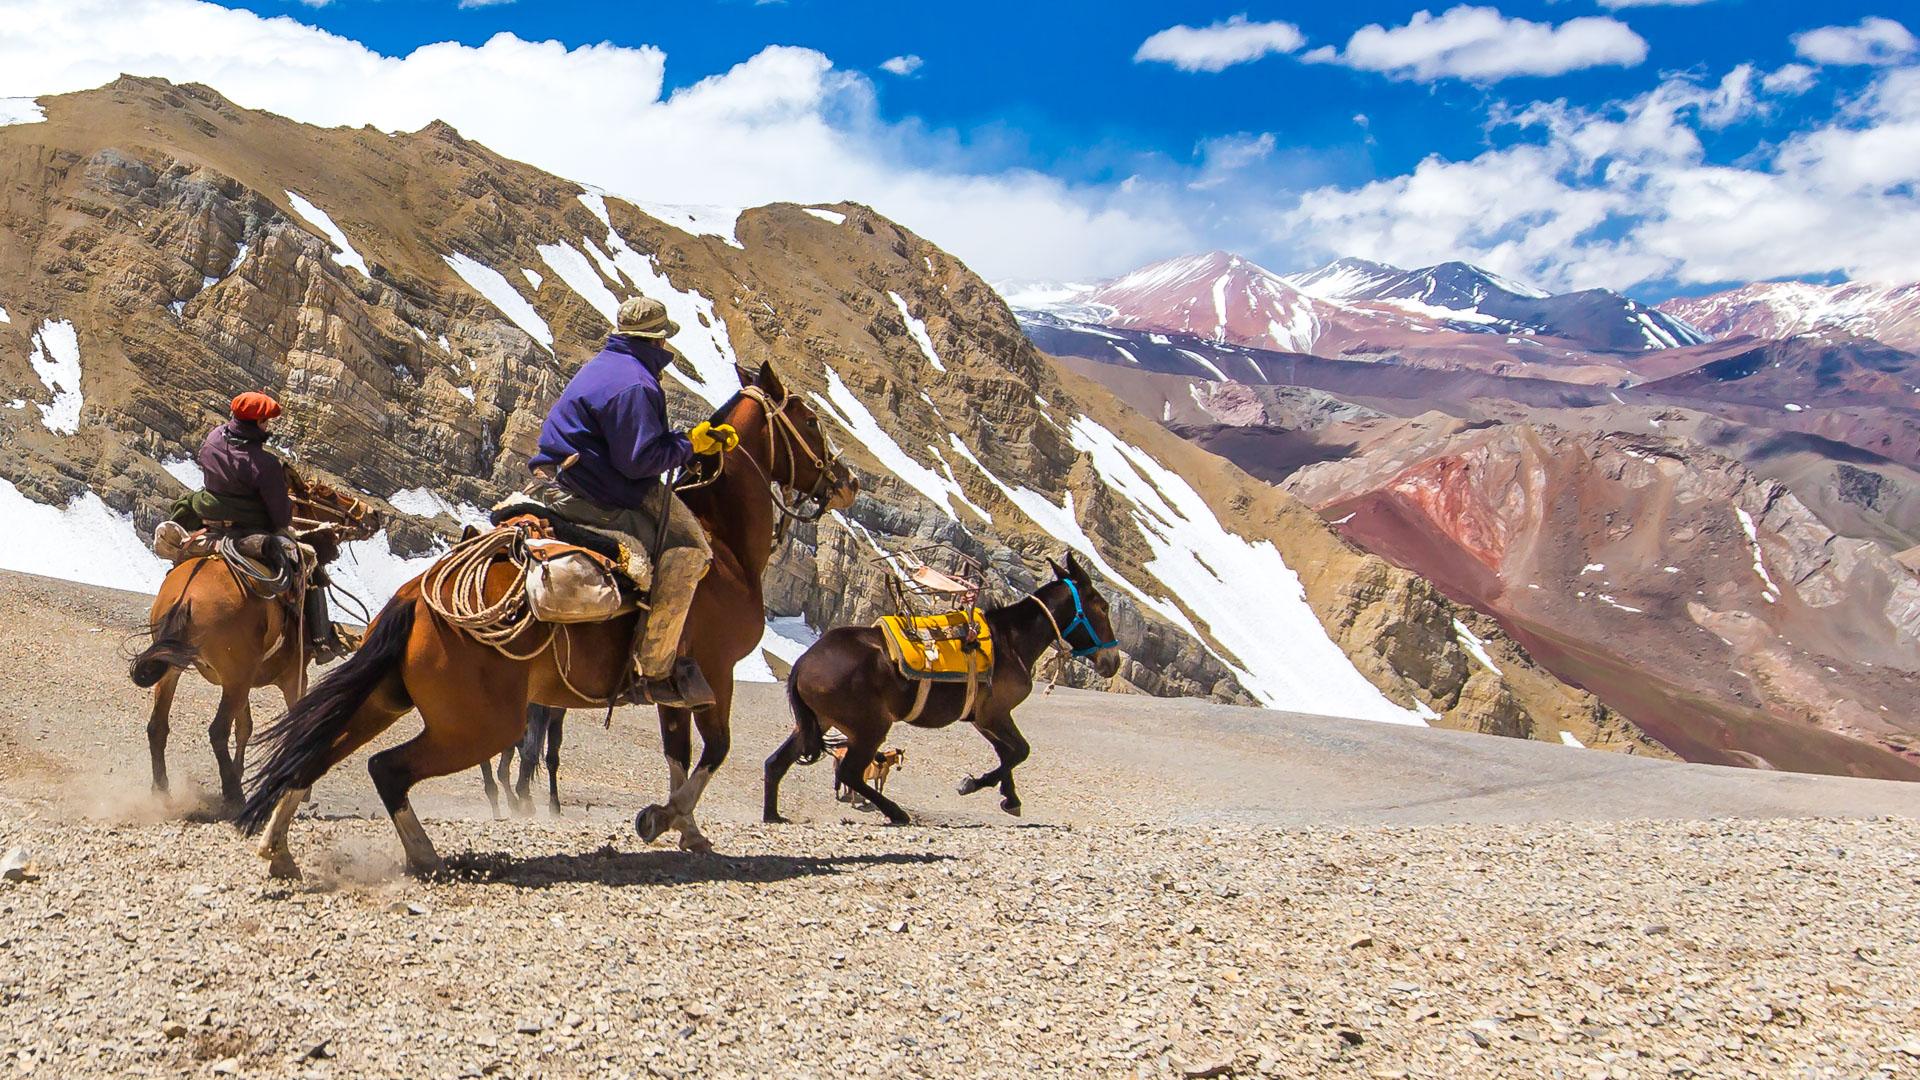 Konie i muły wracają na stronę argentyńską